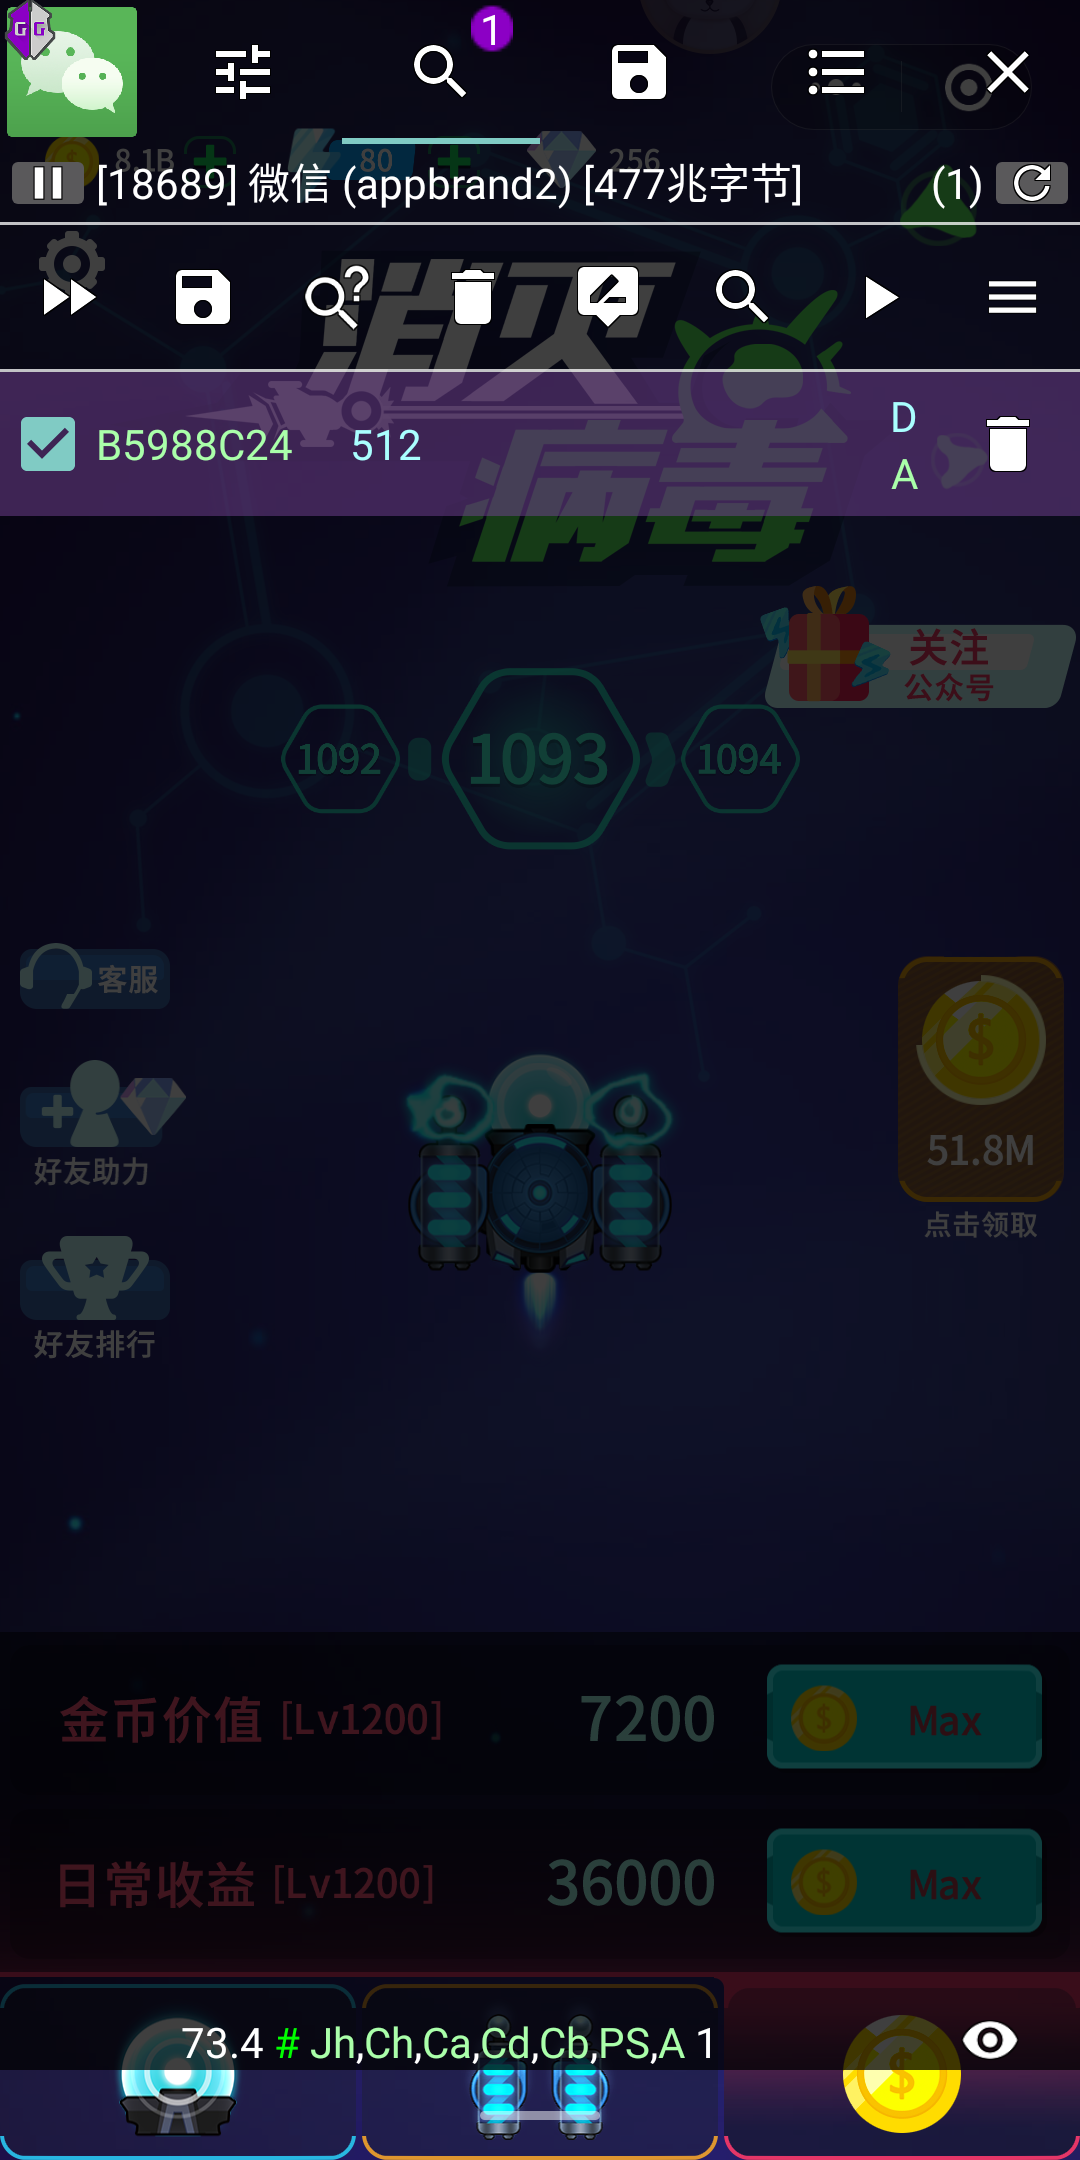 乾坤软游辅助论坛:wx小程序《消灭病毒》修改钻石 - 转载